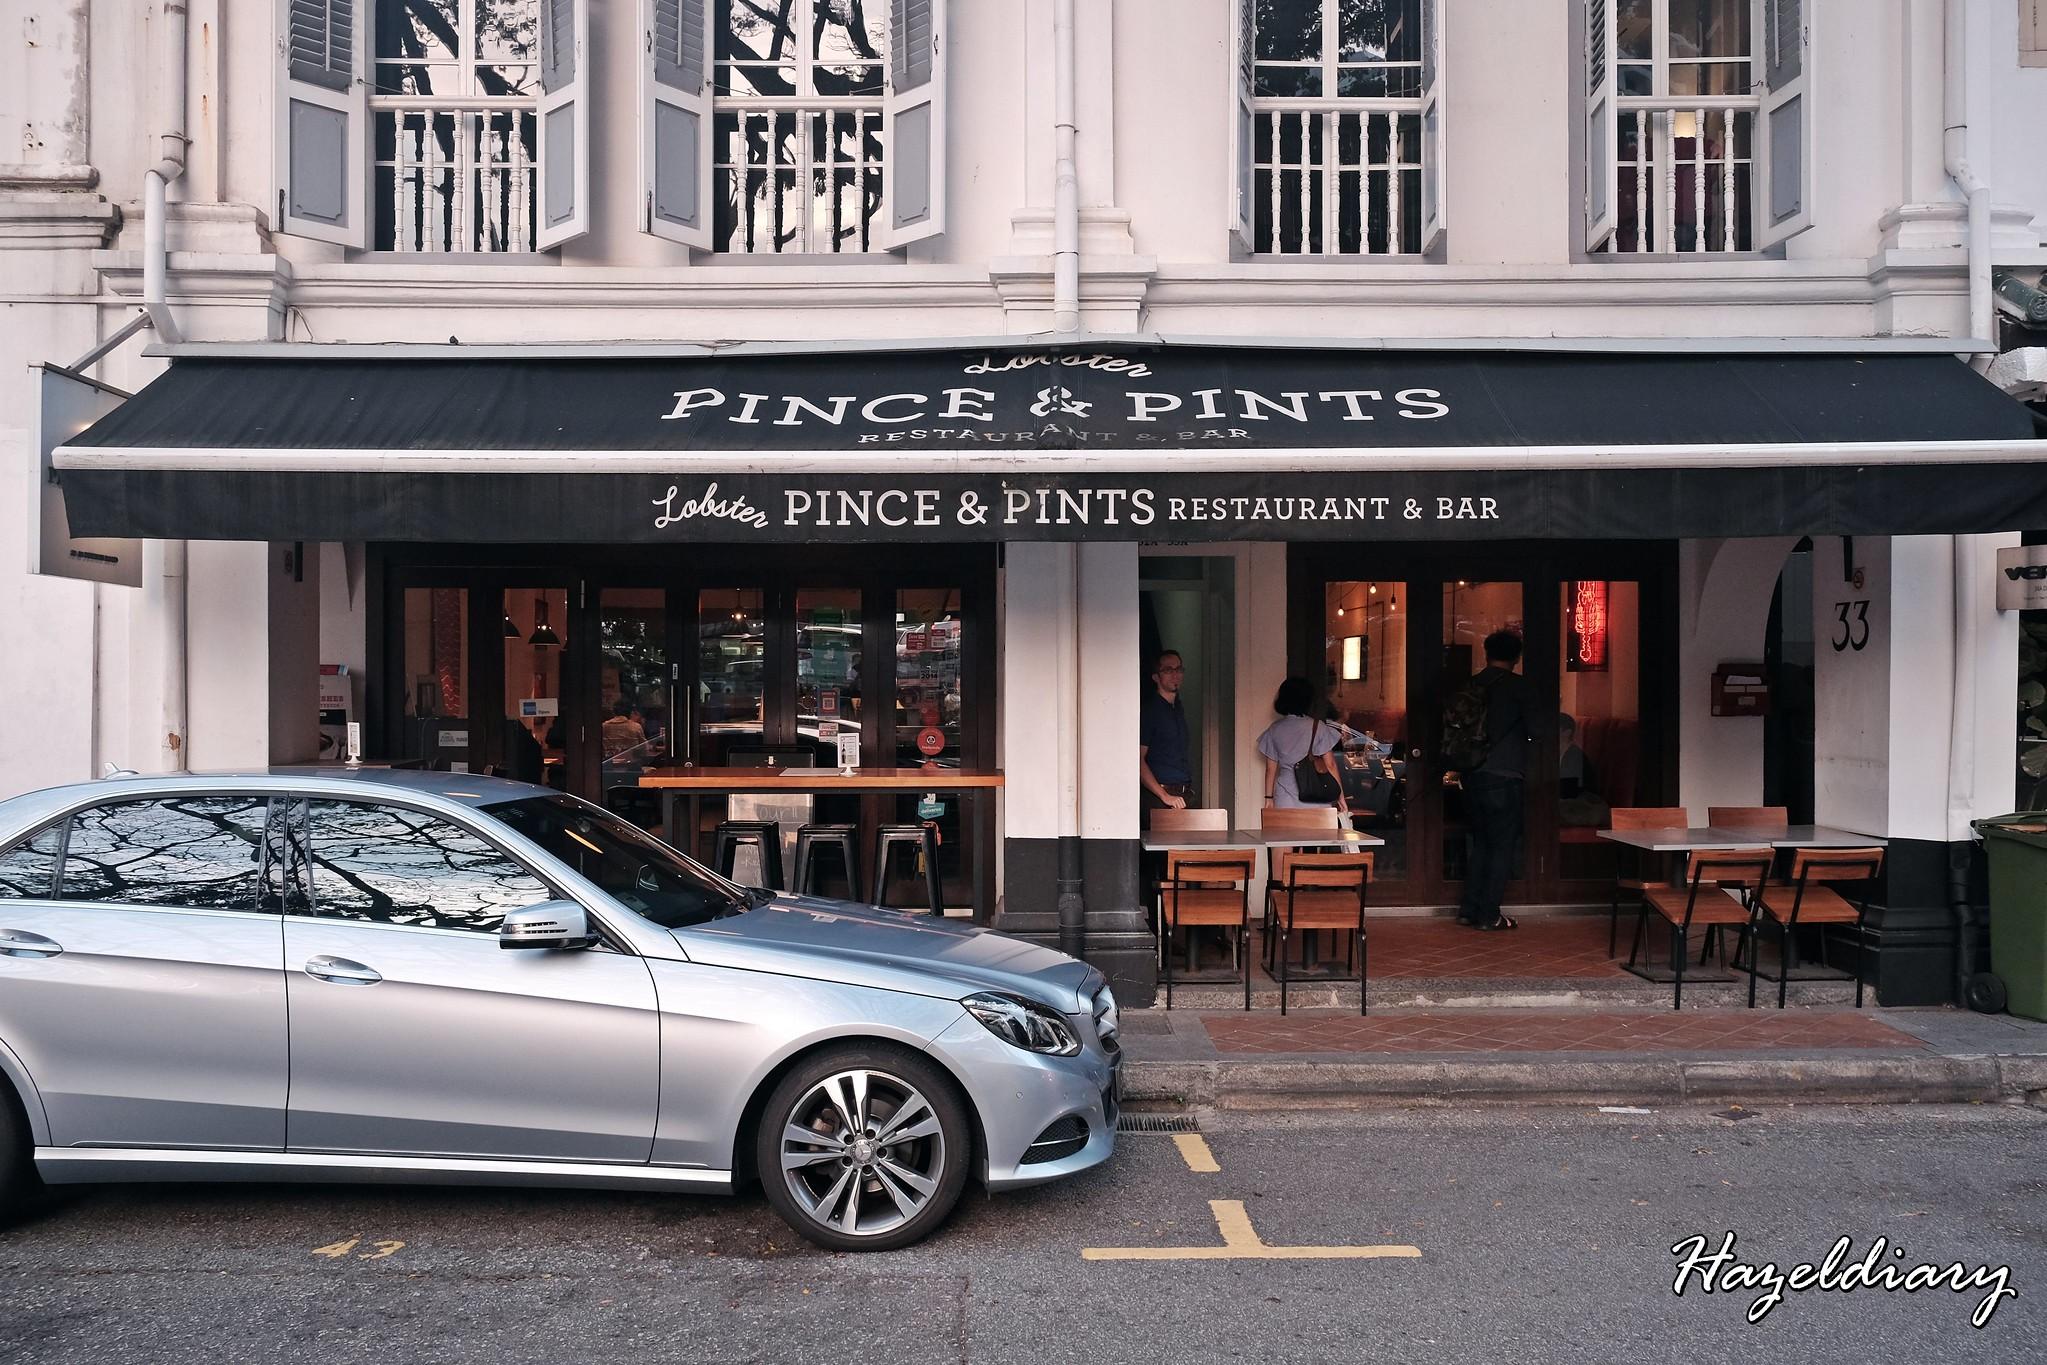 Pince & Pints Duxton Road